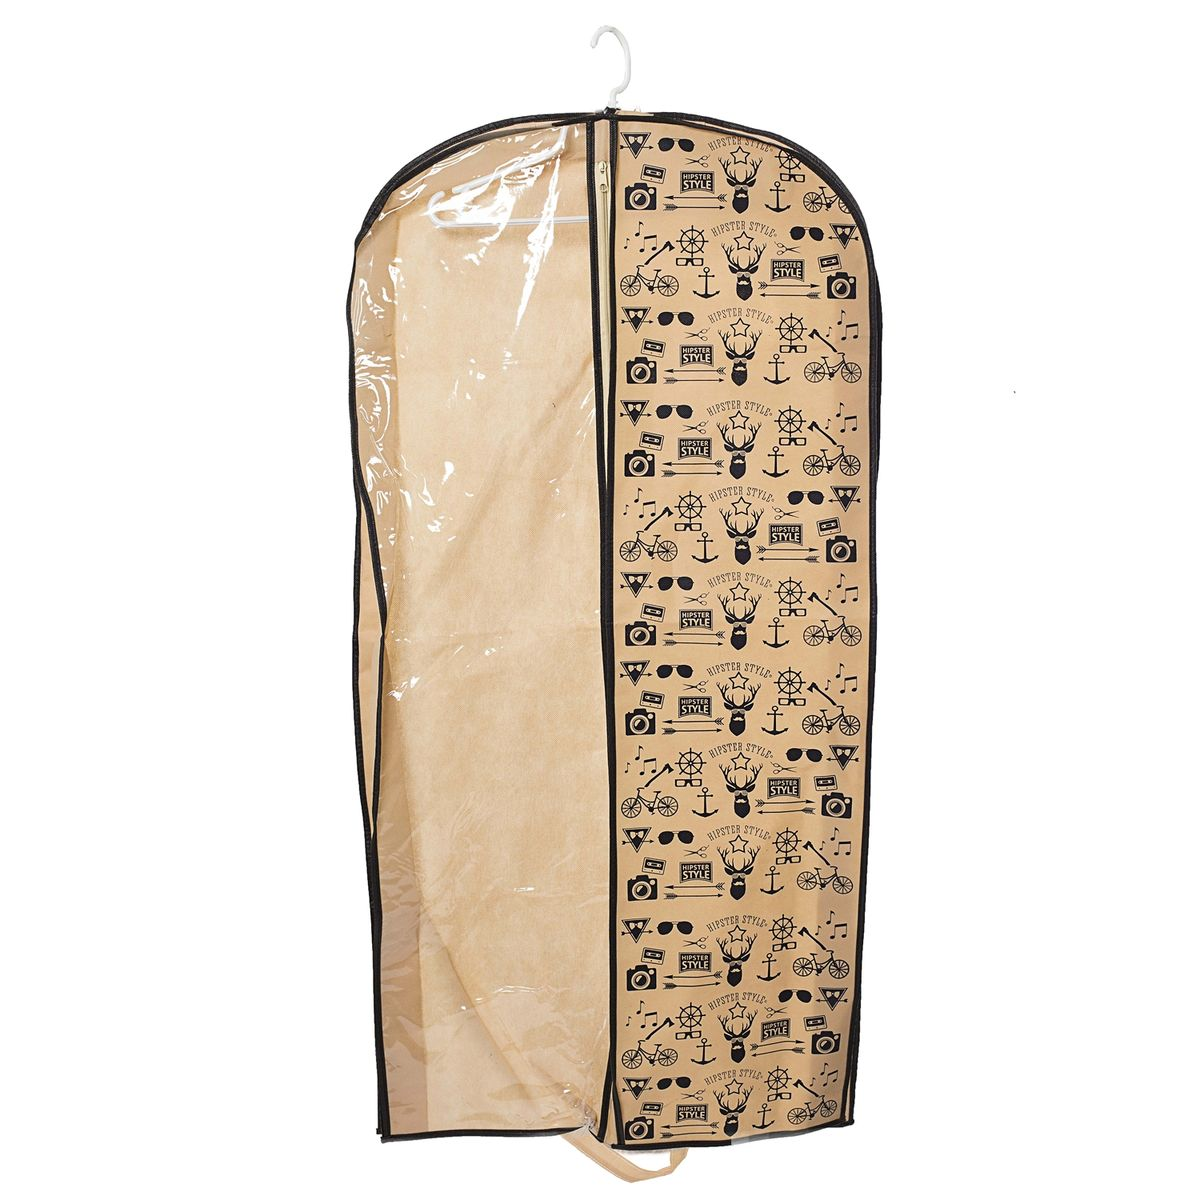 Чехол для одежды Homsu Hipster Style, подвесной, с прозрачной вставкой, 120 x 60 x 10 смHOM-202Подвесной чехол для одежды Homsu Hipster Style на застежке-молнии выполнен из высококачественного нетканого материала. Чехол снабжен прозрачной вставкой из ПВХ, что позволяет легко просматривать содержимое. Изделие подходит для длительного хранения вещей.Чехол обеспечит вашей одежде надежную защиту от влажности, повреждений и грязи при транспортировке, от запыления при хранении и проникновения моли. Чехол позволяет воздуху свободно поступать внутрь вещей, обеспечивая их кондиционирование. Это особенно важно при хранении кожаных и меховых изделий.Чехол для одежды Homsu Hipster Style создаст уютную атмосферу в гардеробе. Лаконичный дизайн придется по вкусу ценительницам эстетичного хранения и сделают вашу гардеробную изысканной и невероятно стильной.Размер чехла: 120 х 60 х 10 см.